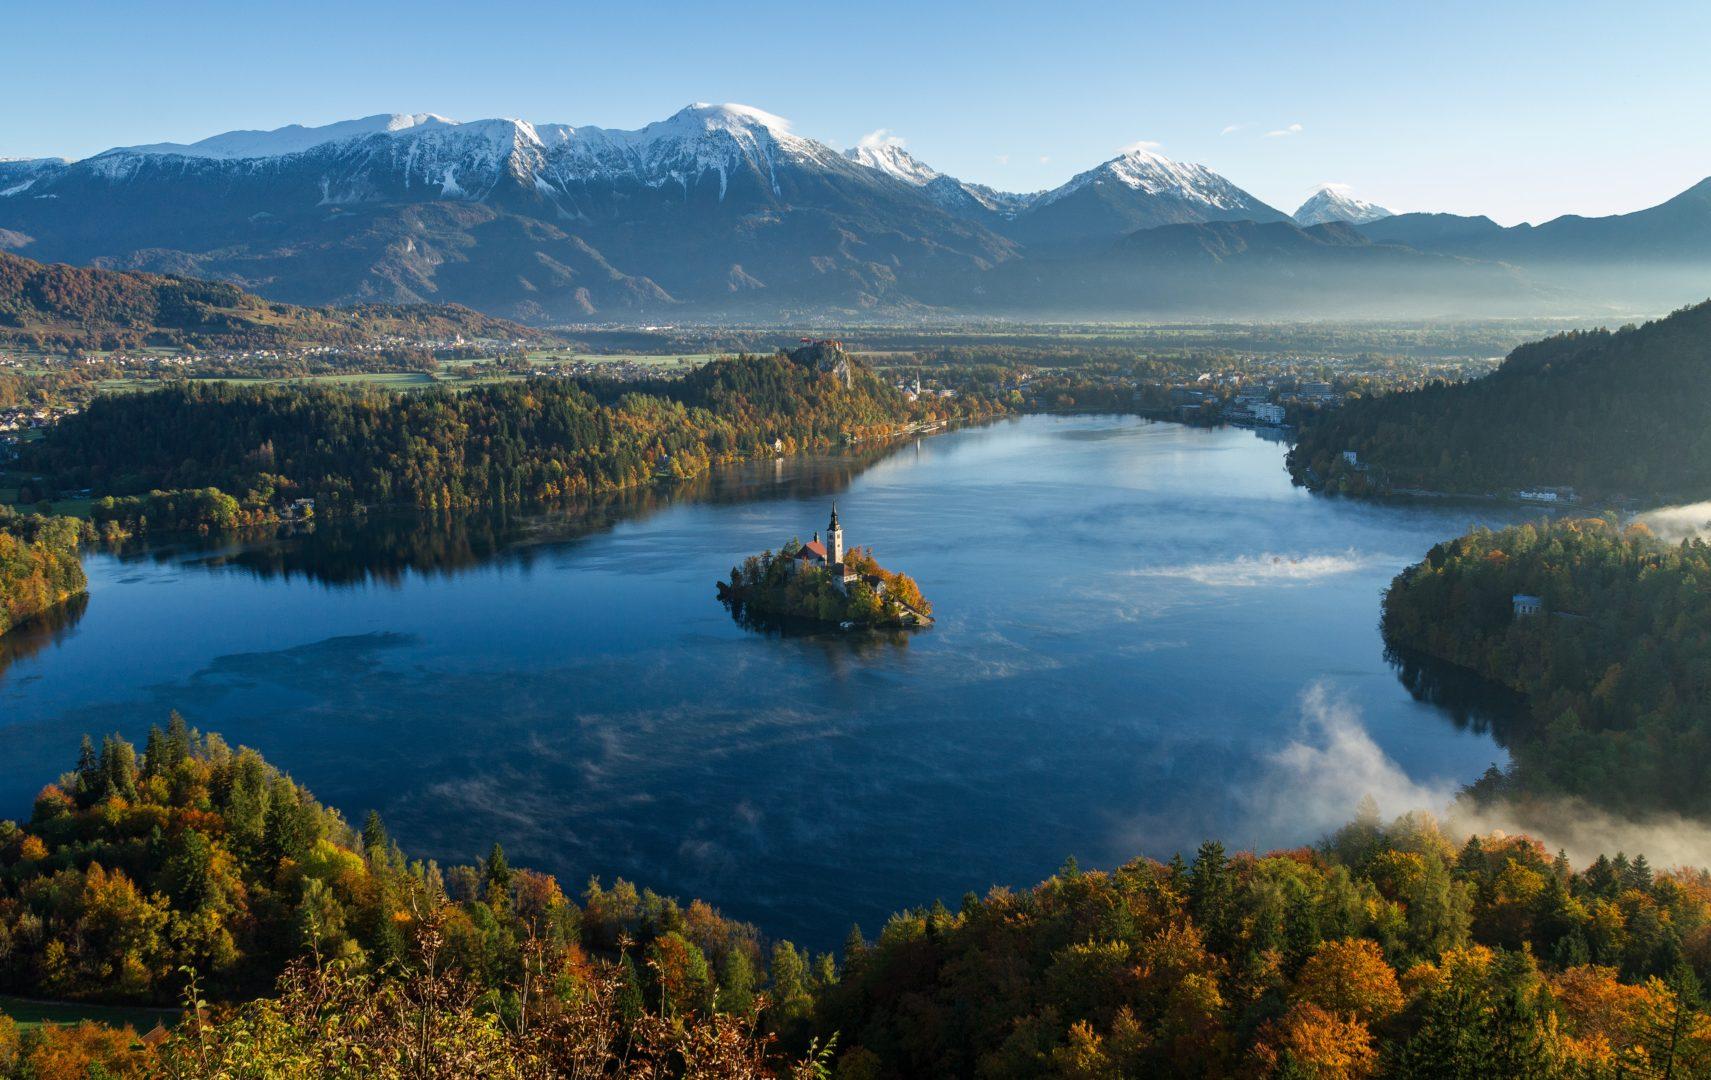 Lac de Bled un des plus beaux lacs d'Europe